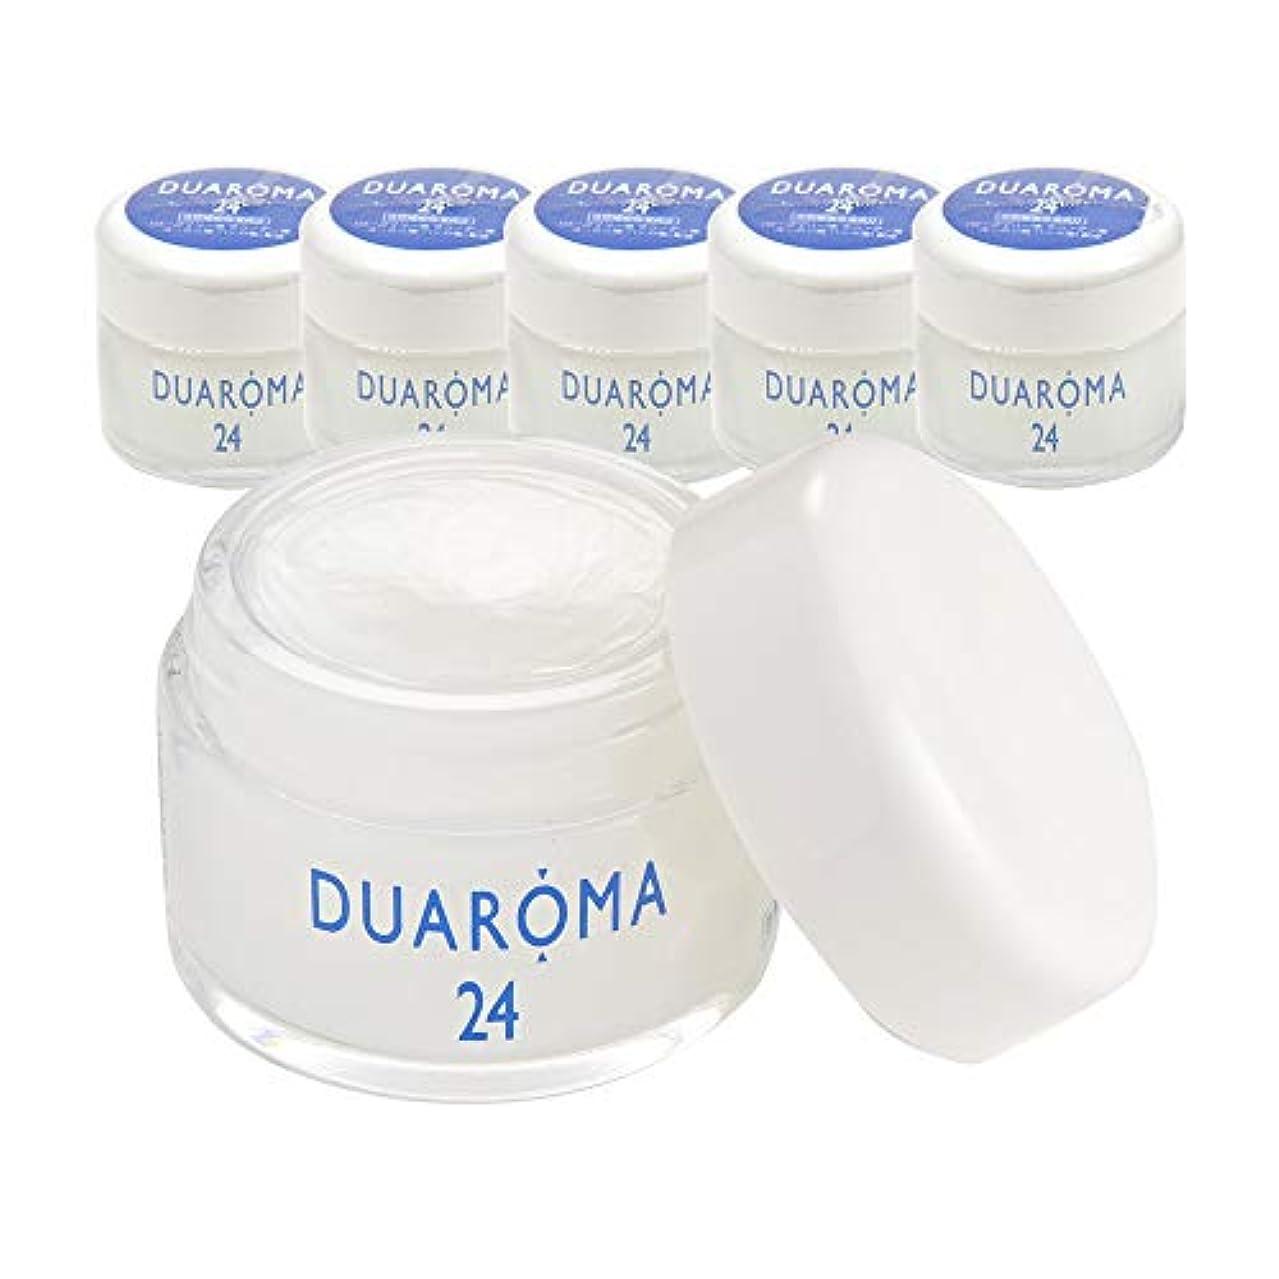 黄ばむ平和な森デュアロマ24 薬用ハーブクリーム 40g (6個セット)